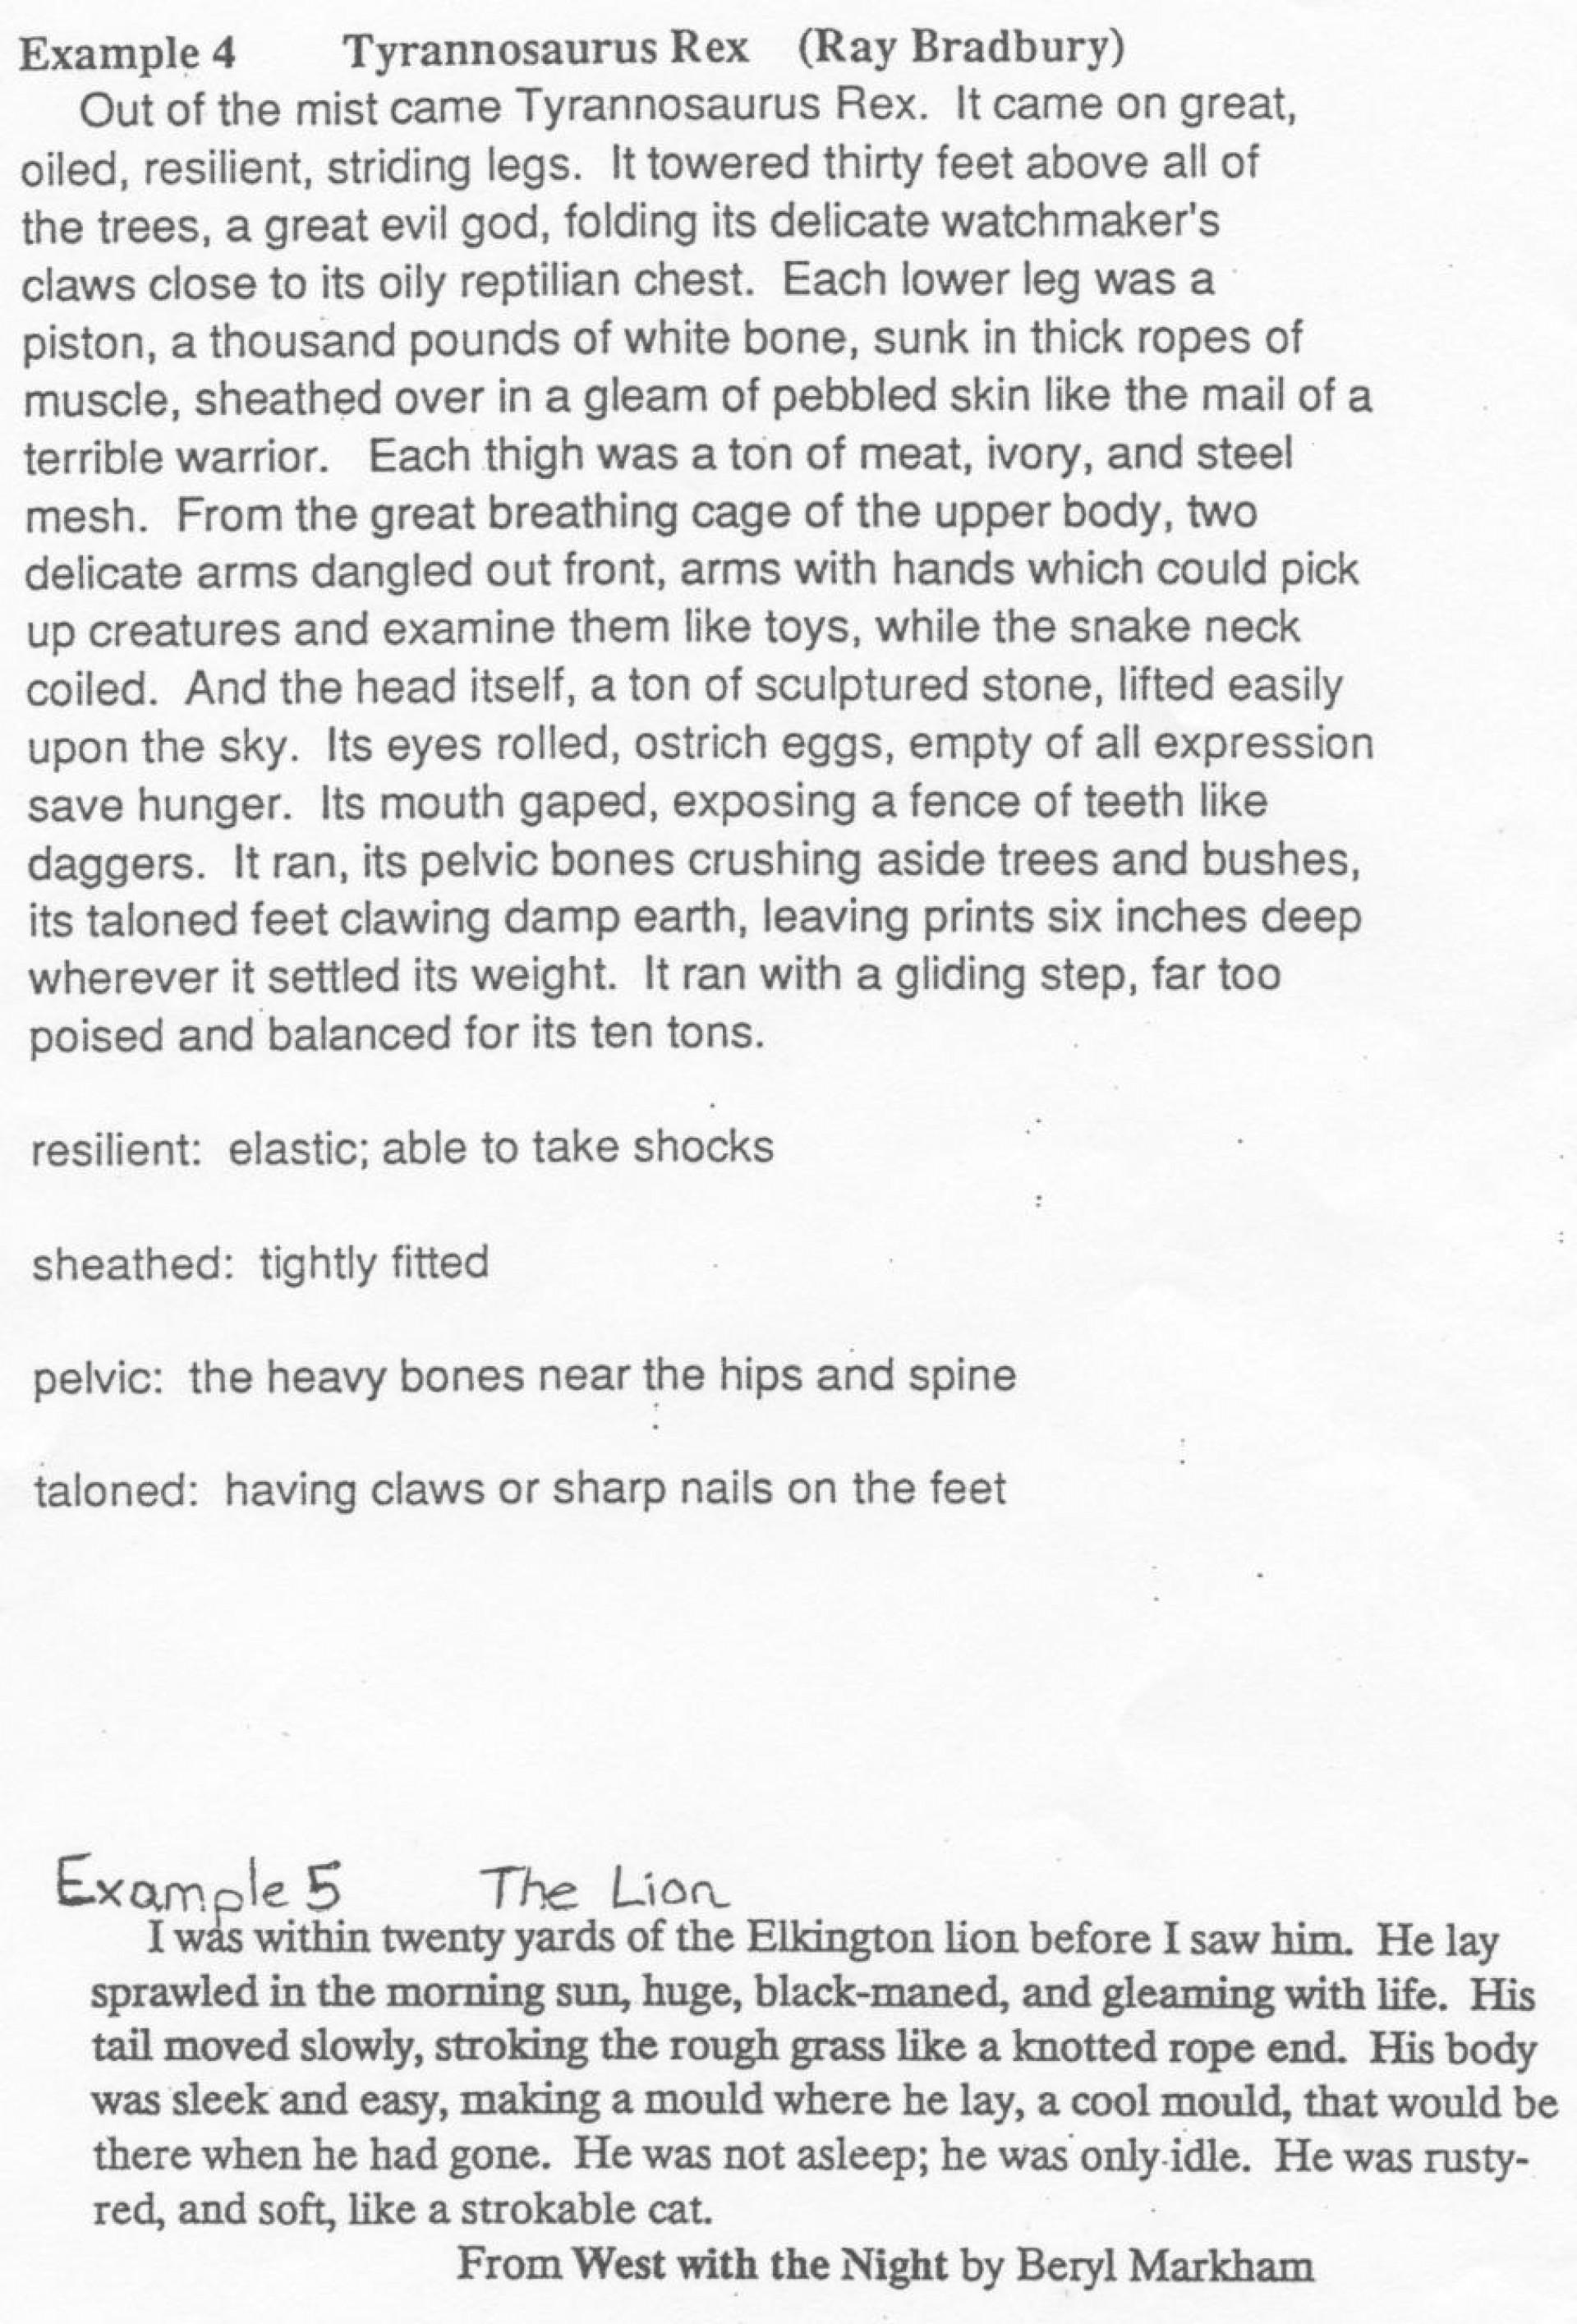 013 Descriptive Narrative Essayss Of Paragraphs And Chart 001 Remarkable Essay Examples Topics Good 1920